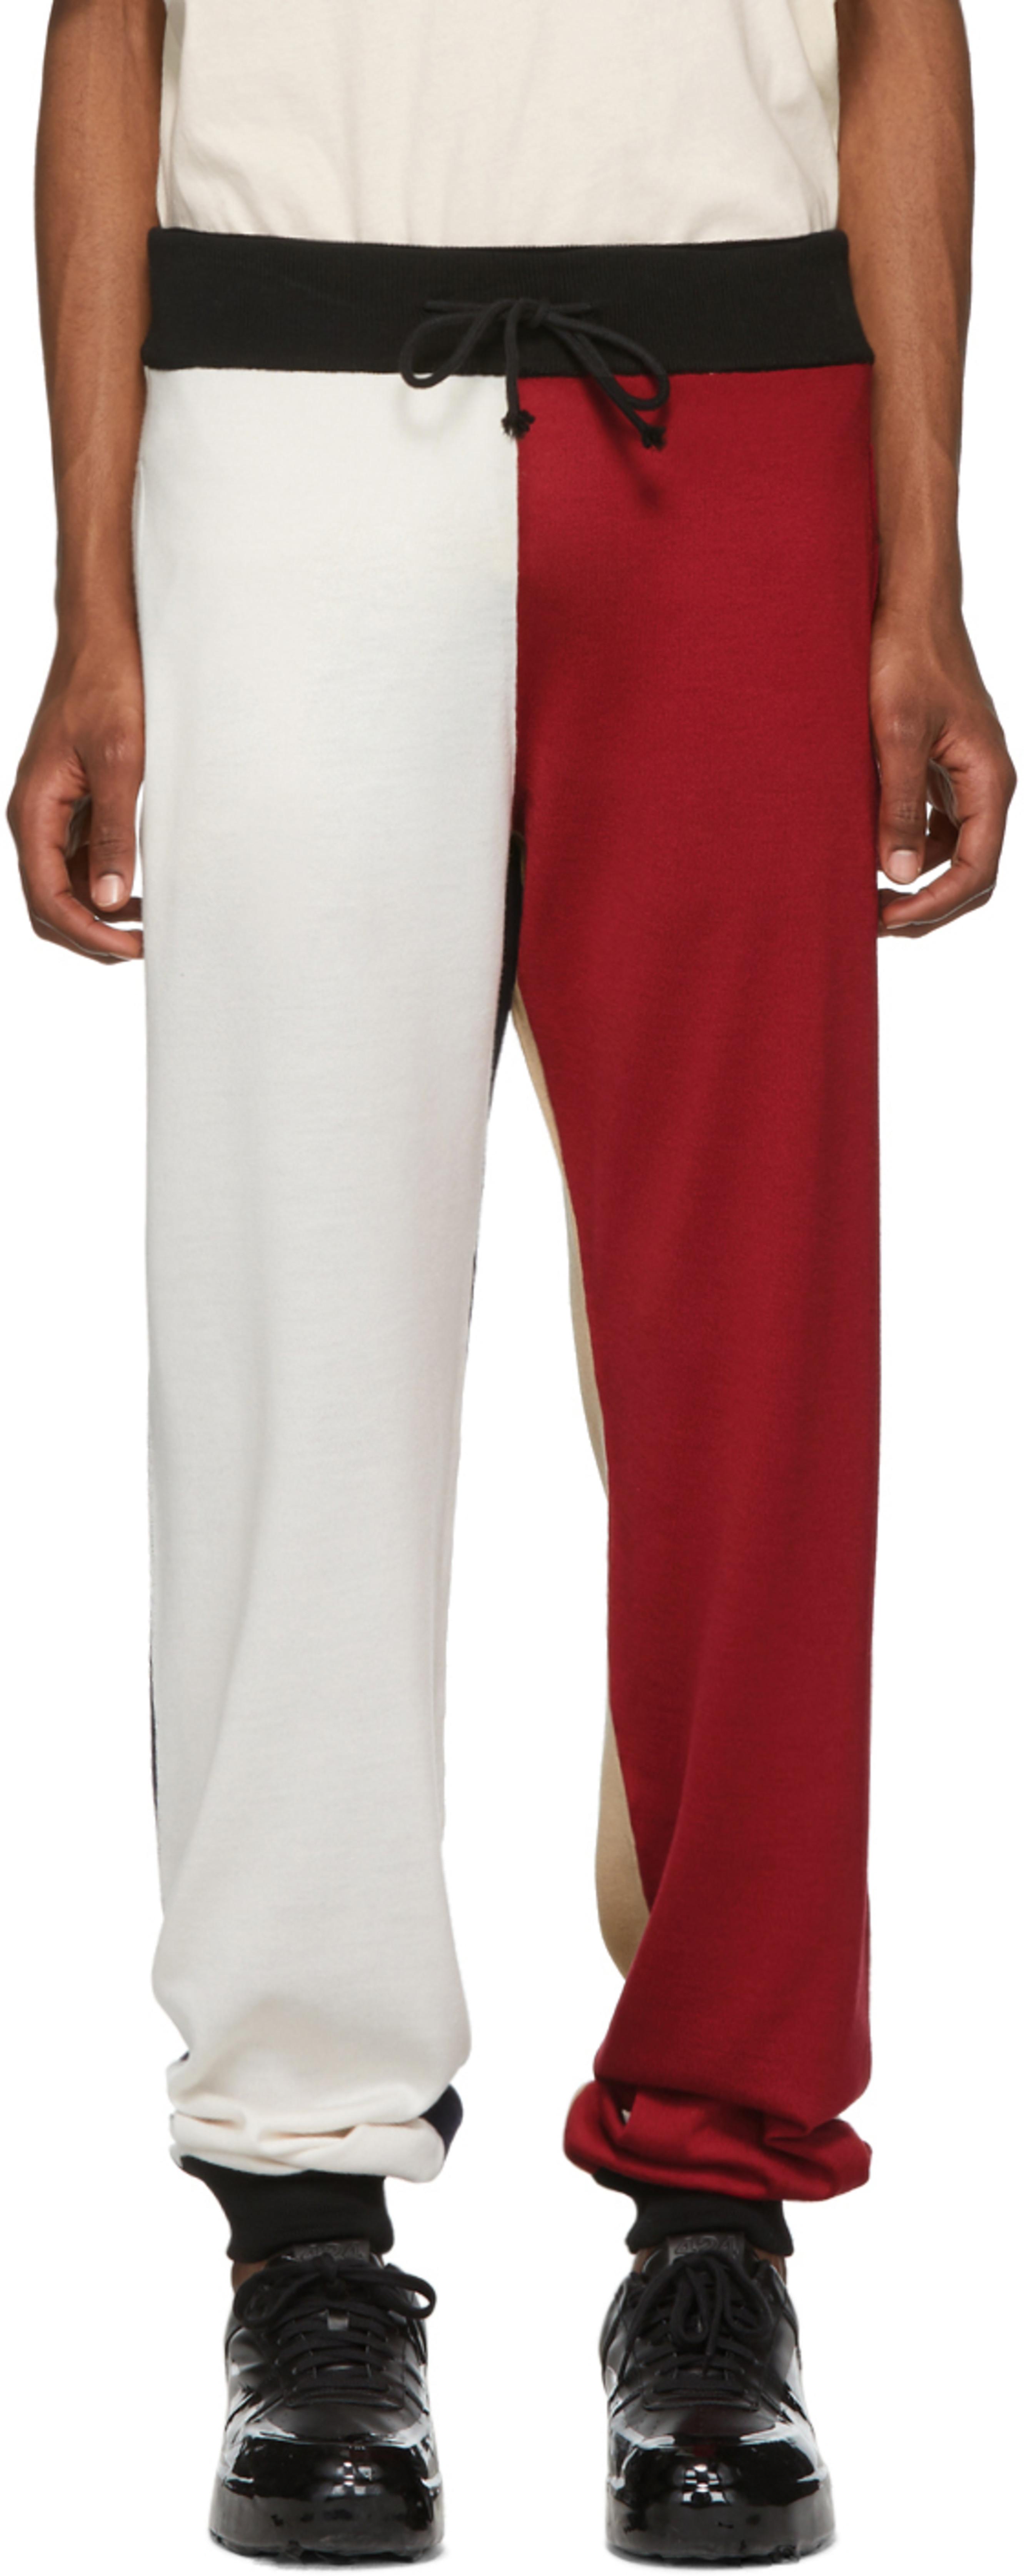 ee63bd97c4daa Designer sweatpants for Men